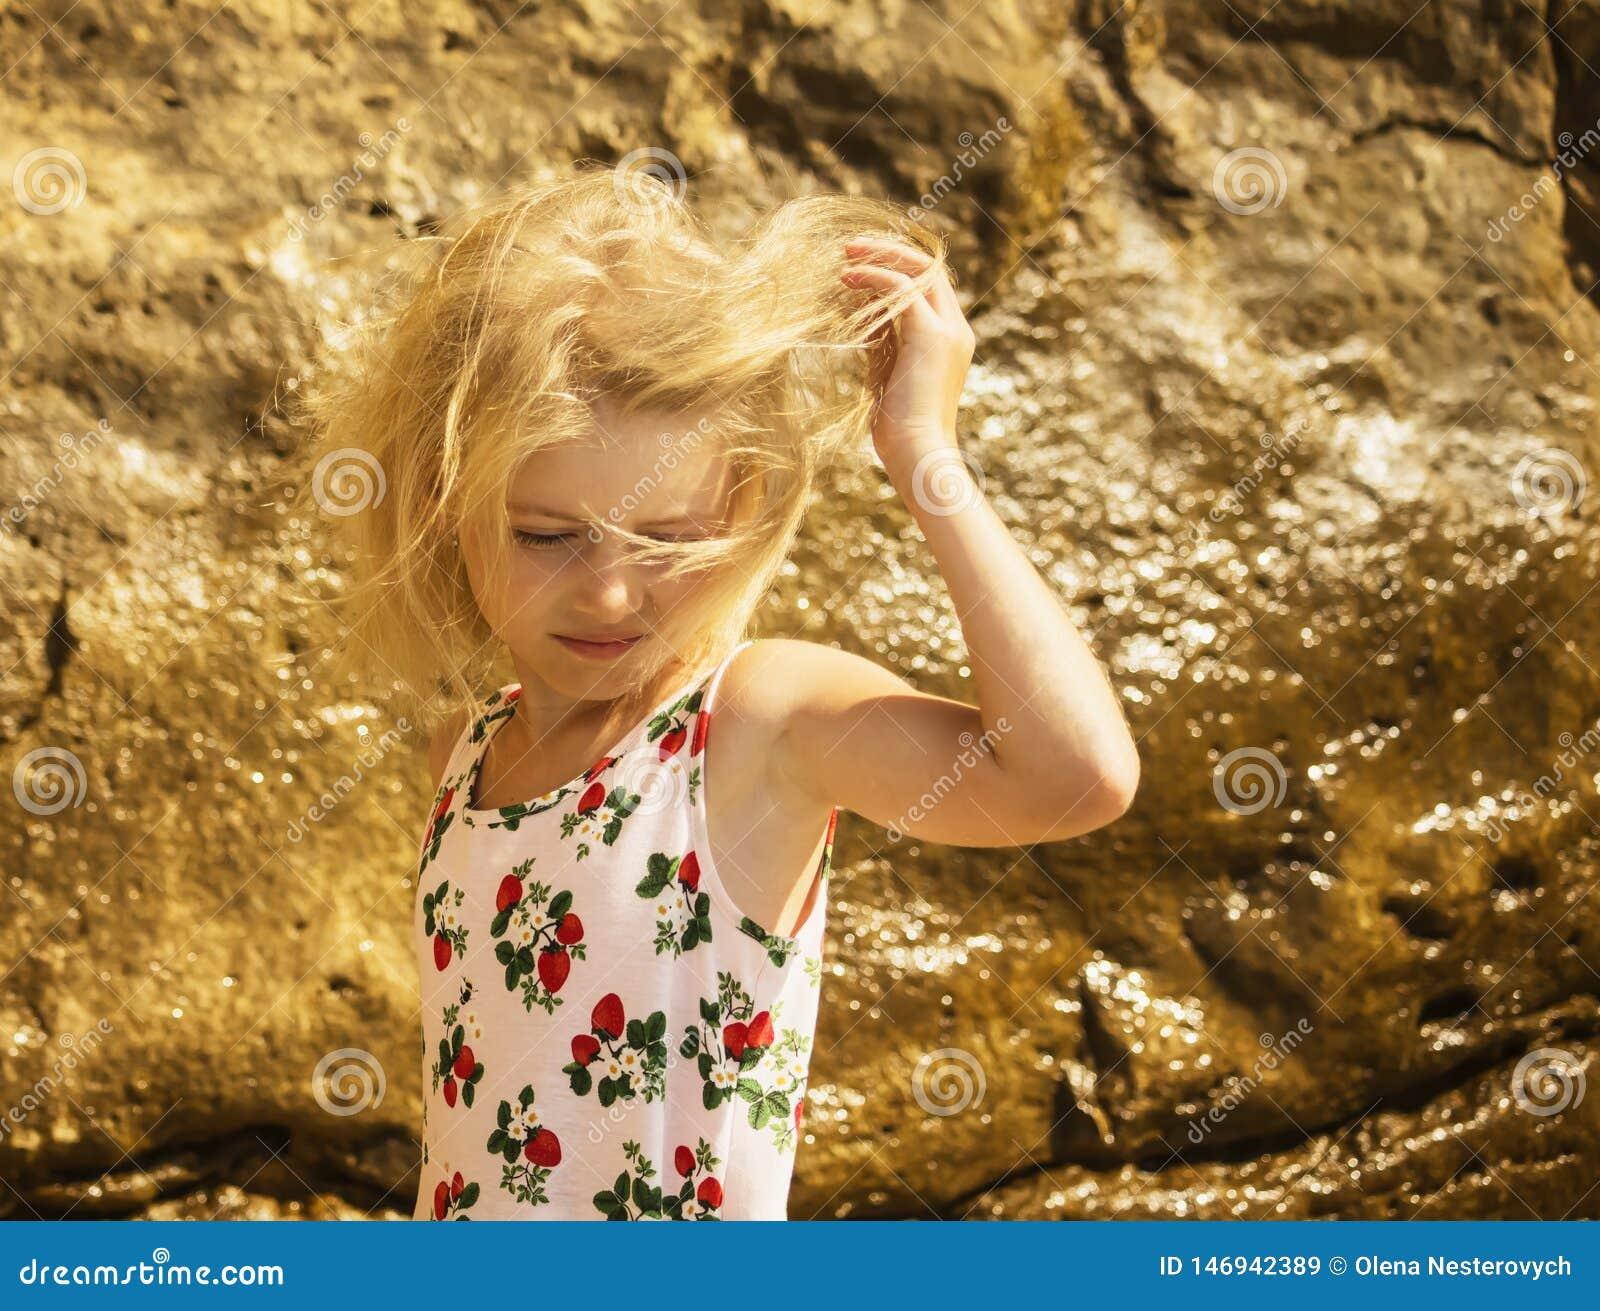 Ветер играет волосы в белокурой девушке на пляже